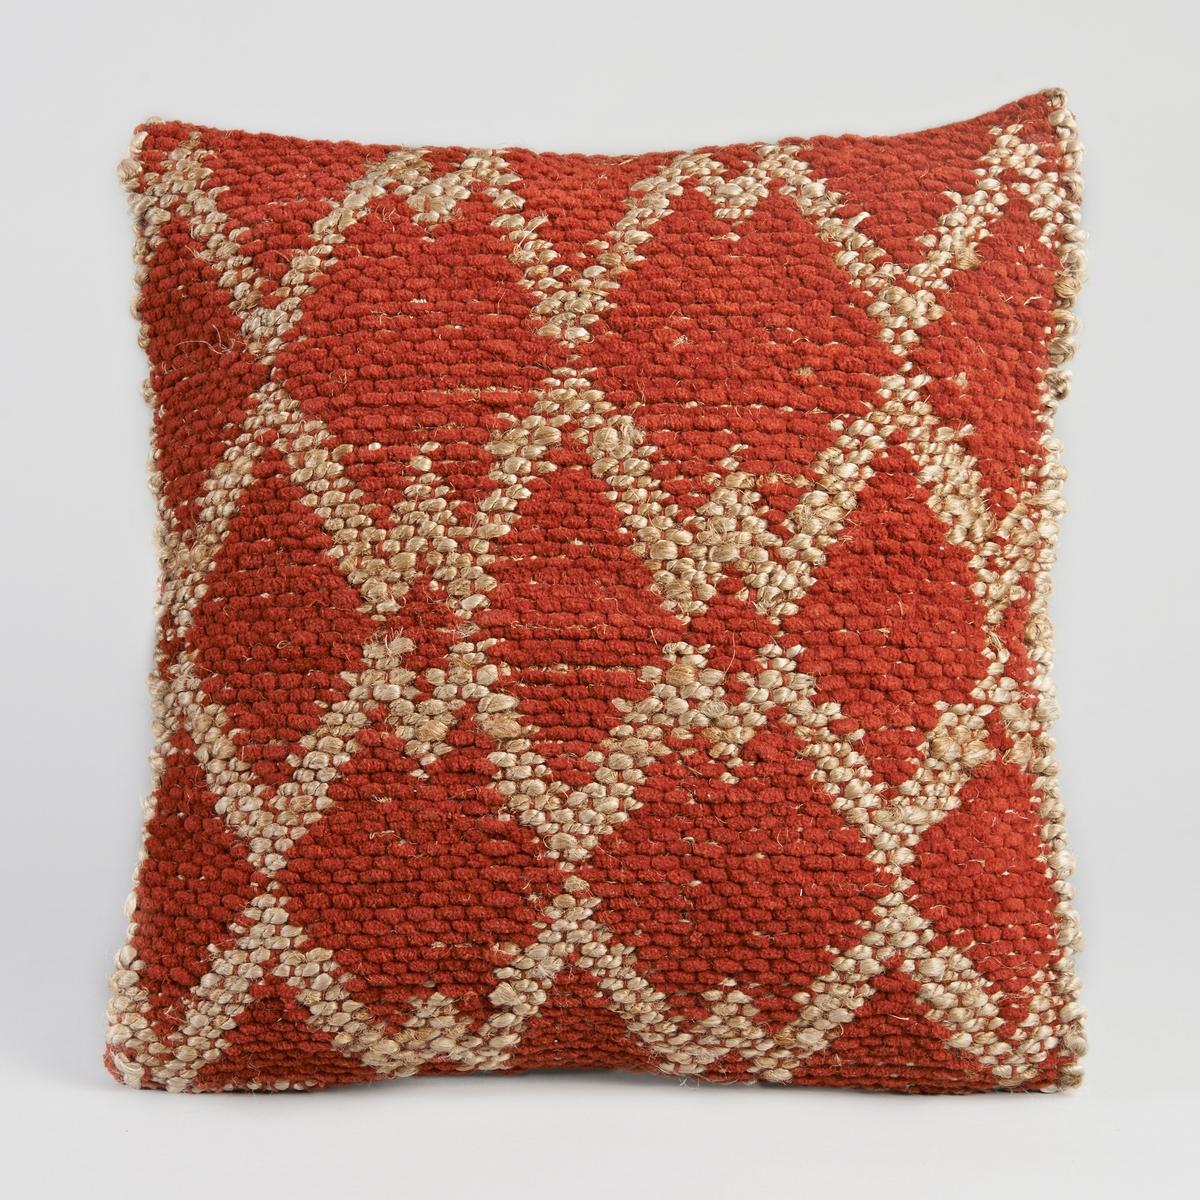 Чехол для подушки MaporeЧехол для подушки с этническими рисунками.  Застежка на молнию.Материал :- Лицевая сторона из джута, оборотная сторона из 100% хлопка.  Размер :- 50 x 50 см.<br><br>Цвет: красно-коричневый<br>Размер: 50 x 50  см